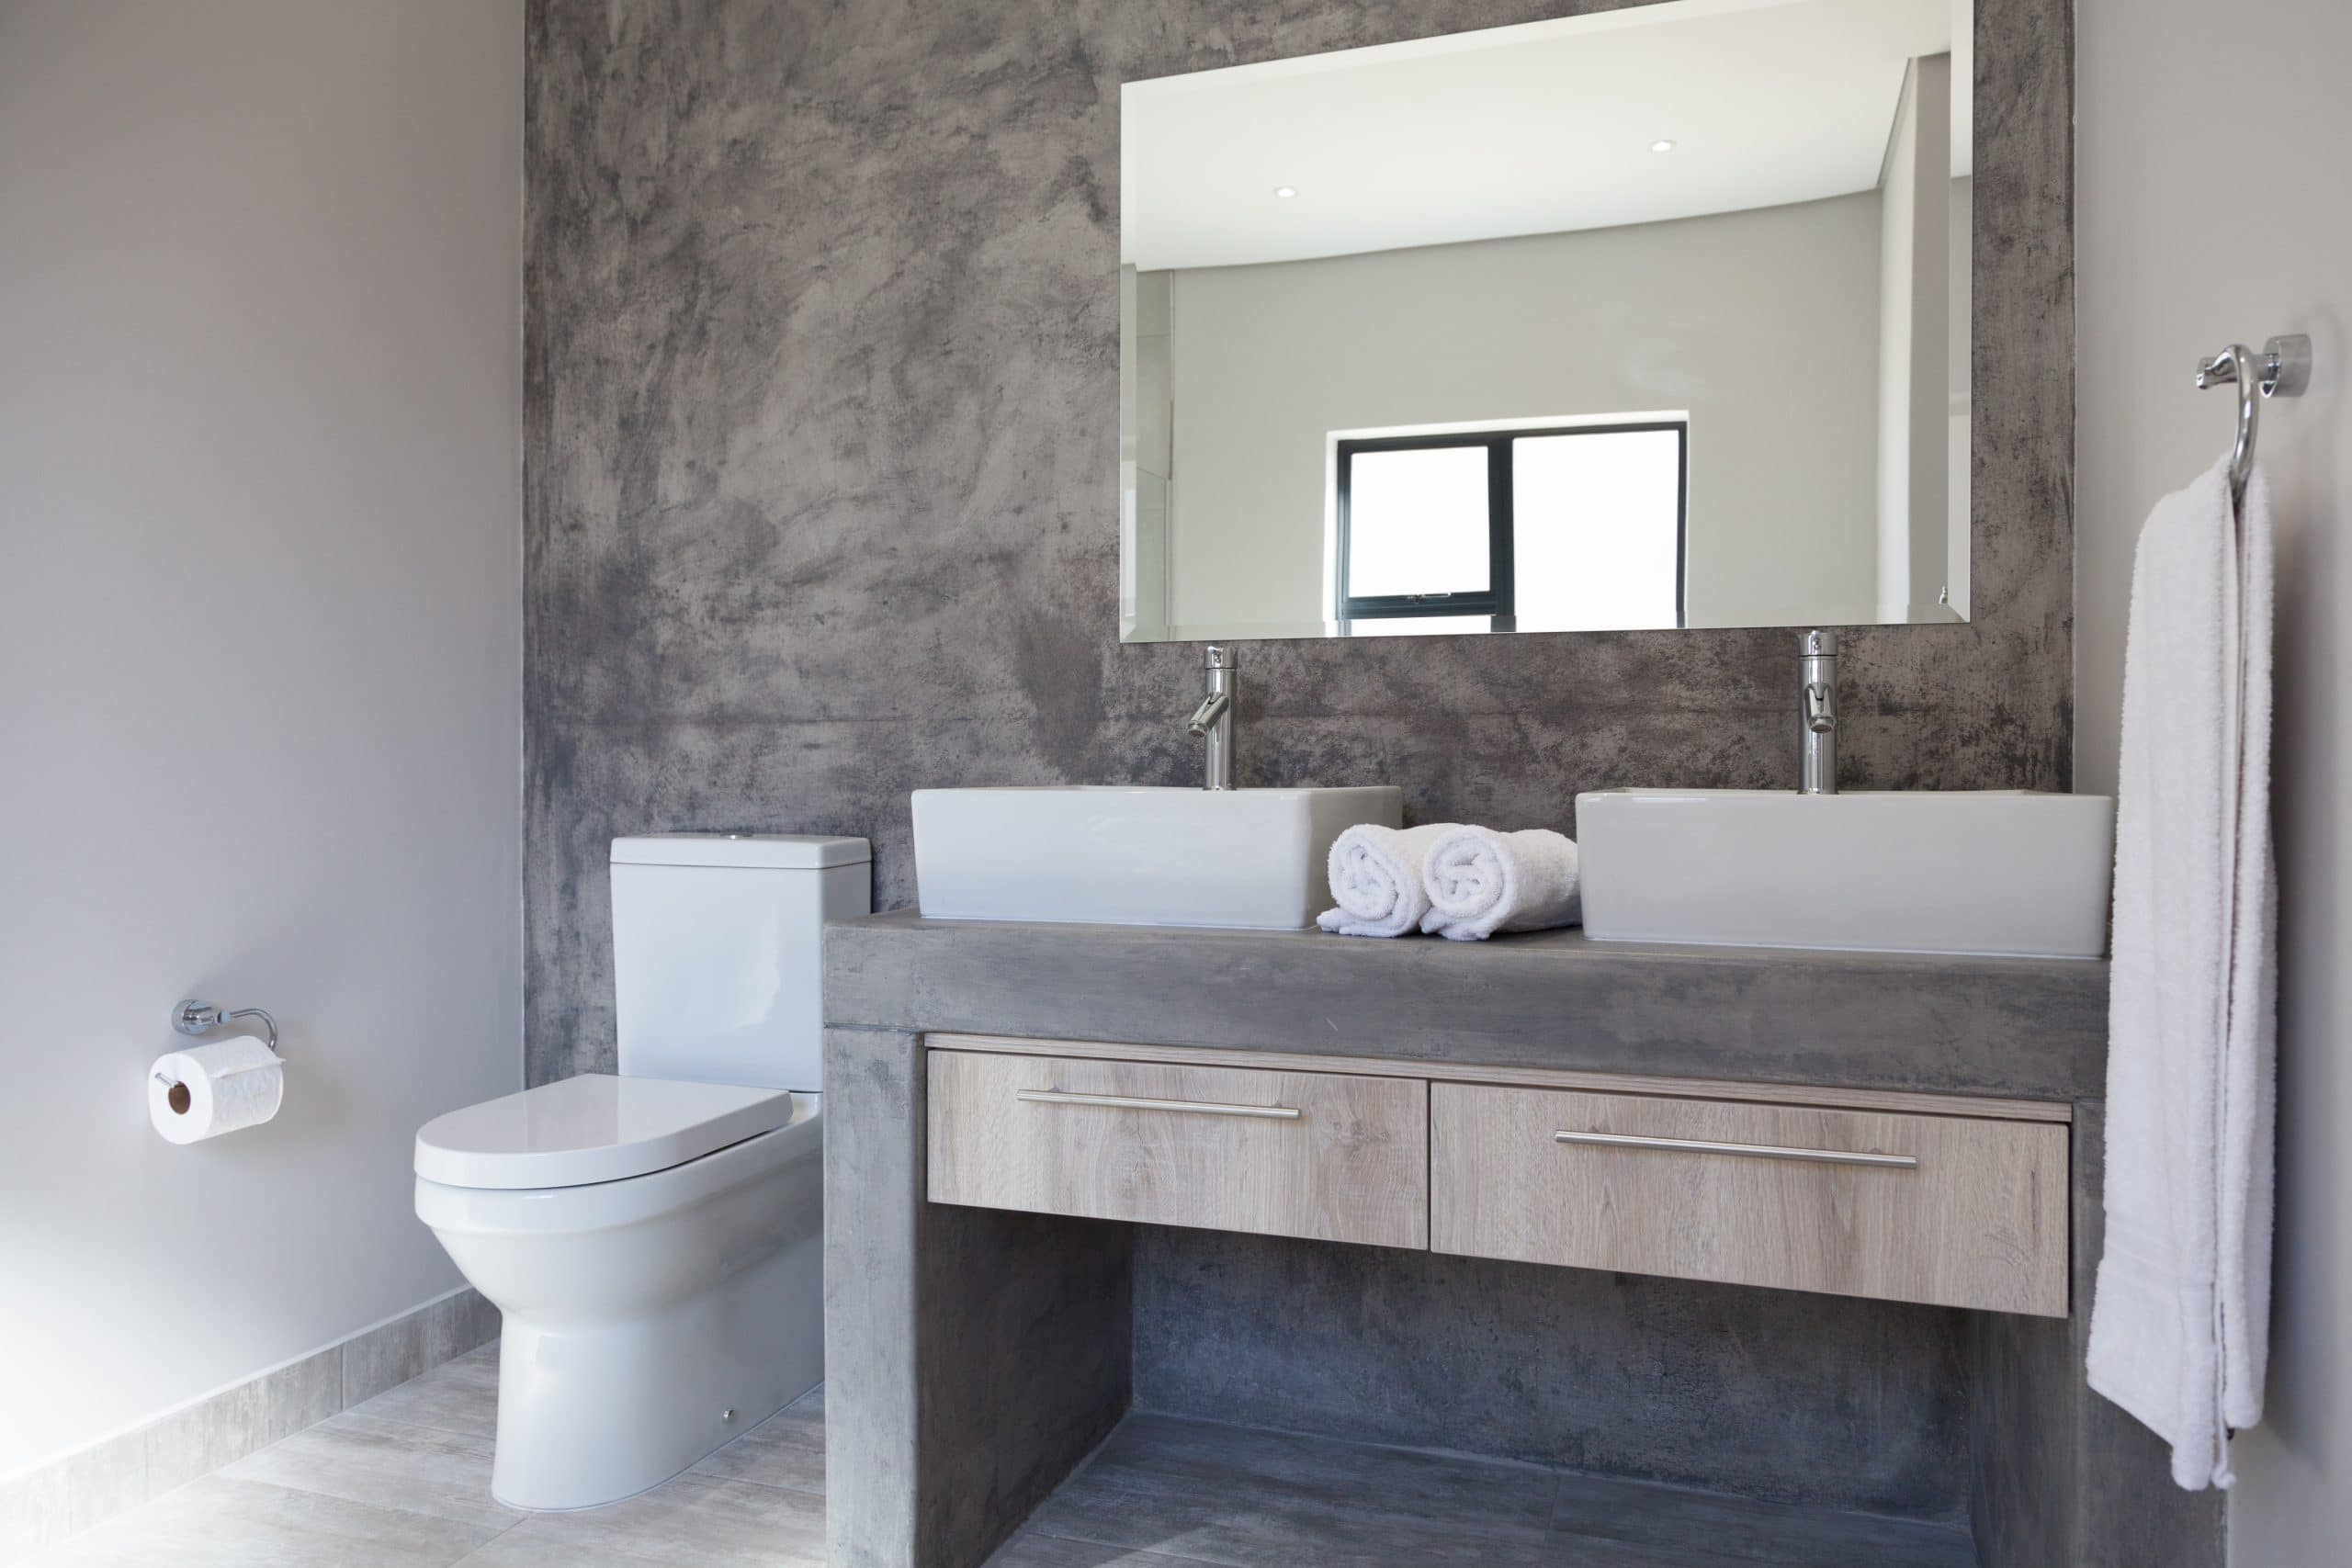 rustic screed wall in bathroom langebaan